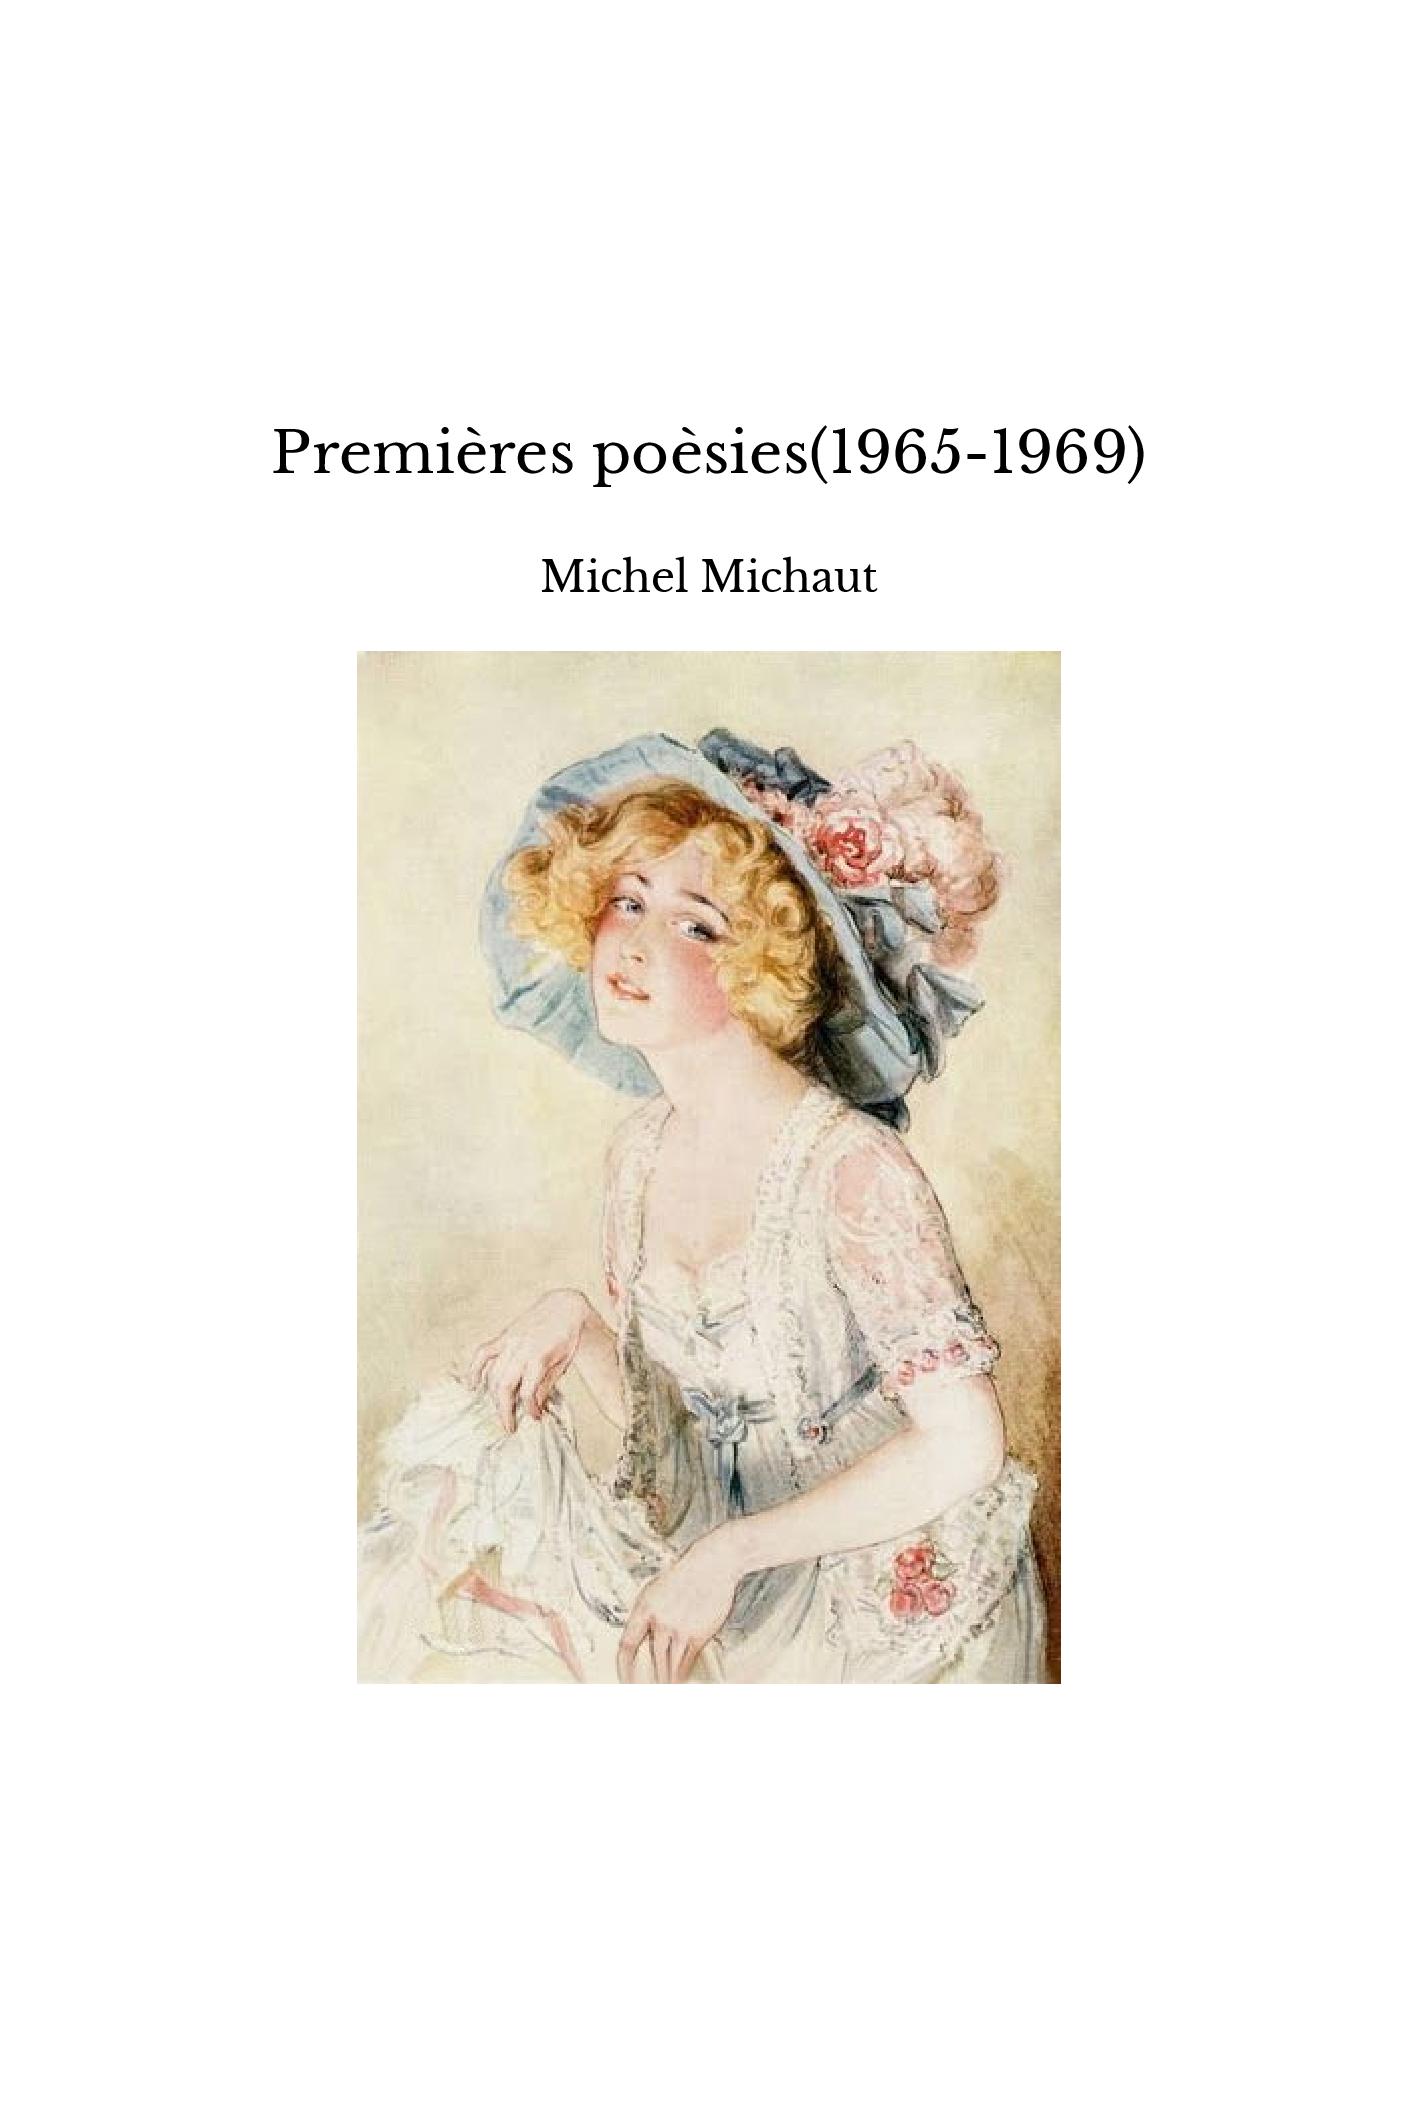 Premières poèsies(1965-1969)